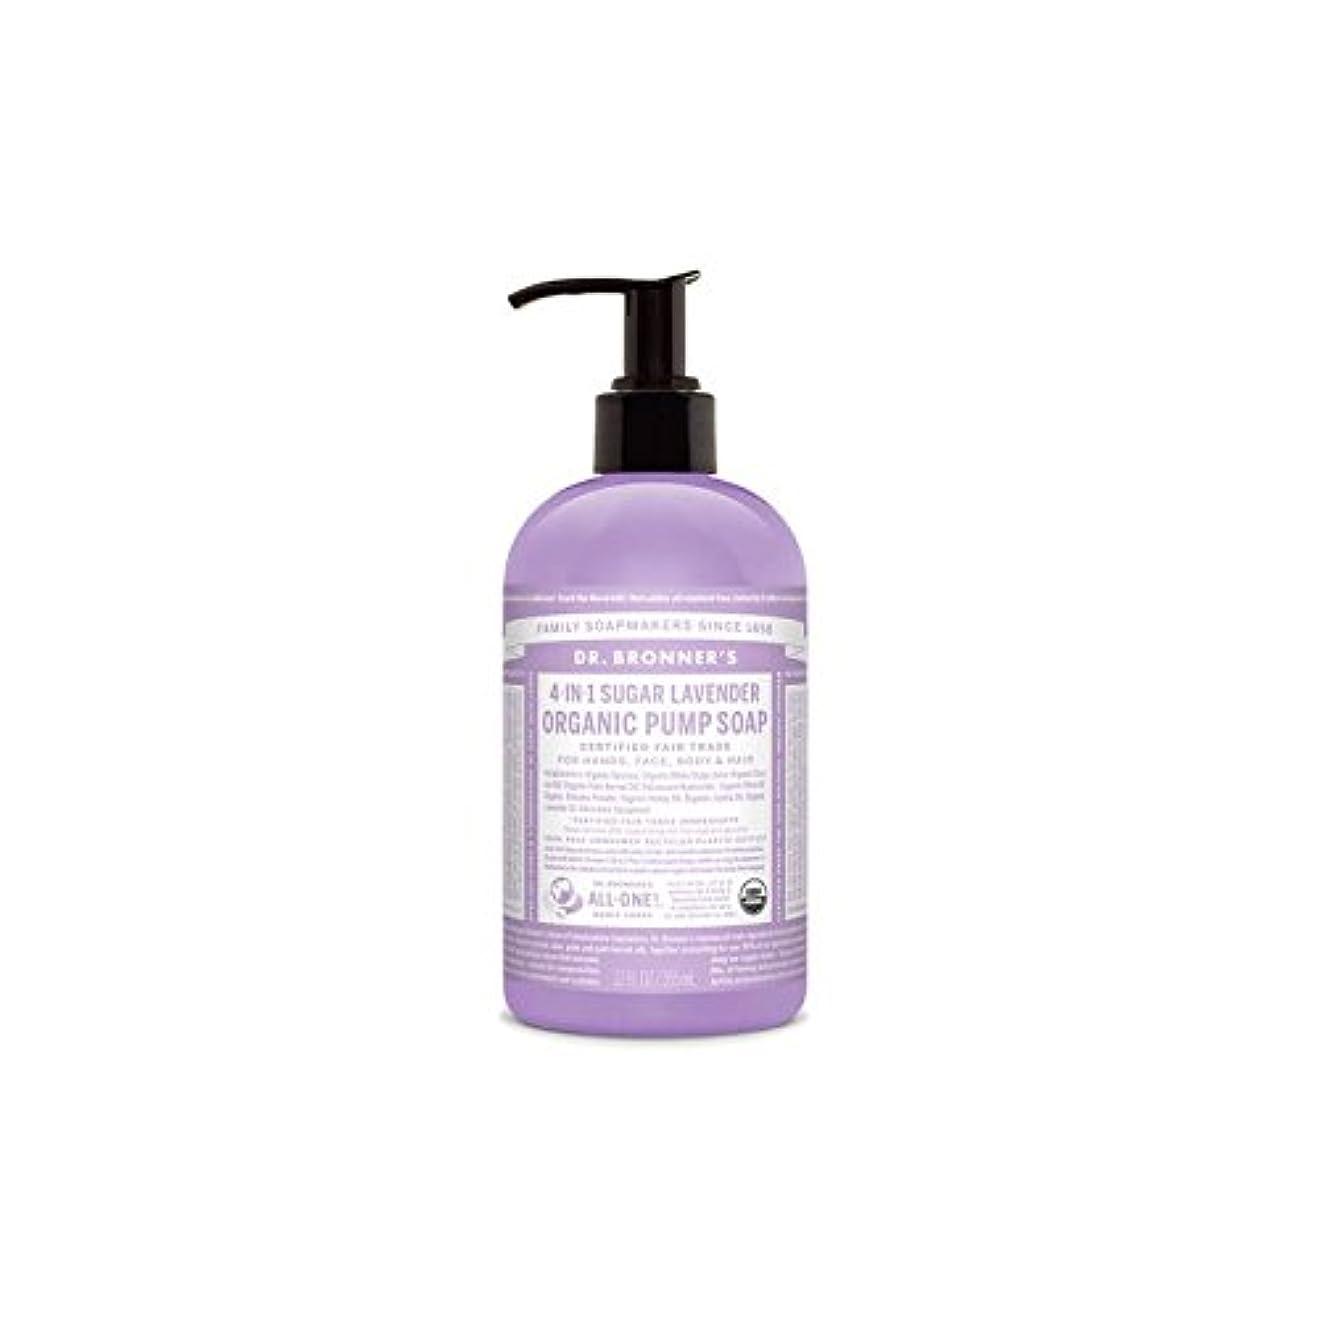 果てしない以下彫刻ブロナー有機ラベンダーハンドソープ(355ミリリットル) x4 - Dr. Bronner Organic Shikakai Lavender Hand Soap (355ml) (Pack of 4) [並行輸入品]